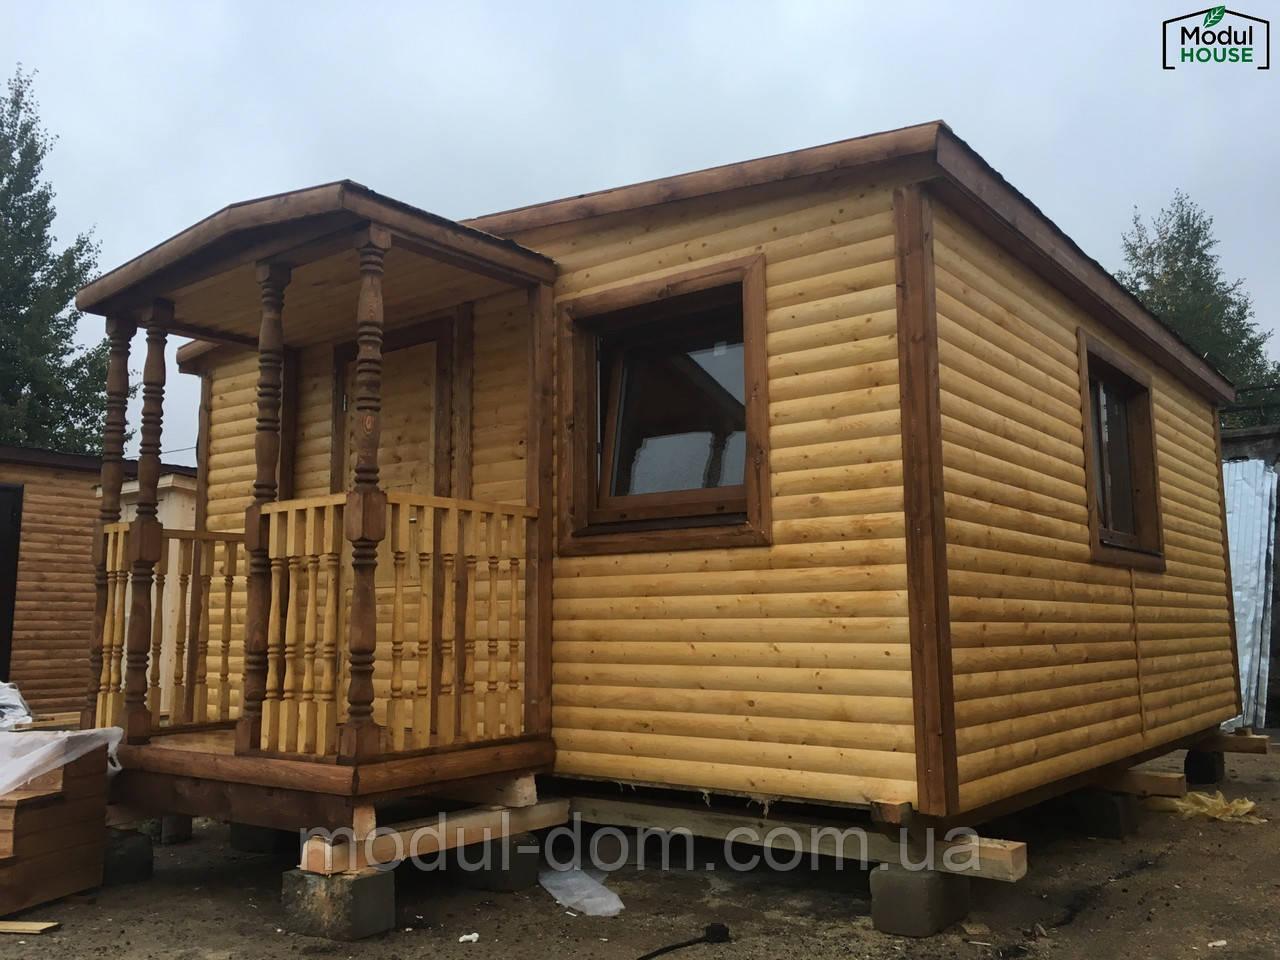 Модульные дома для проживания, модульные дома для круглогодичного проживания, модульные дома под ключ